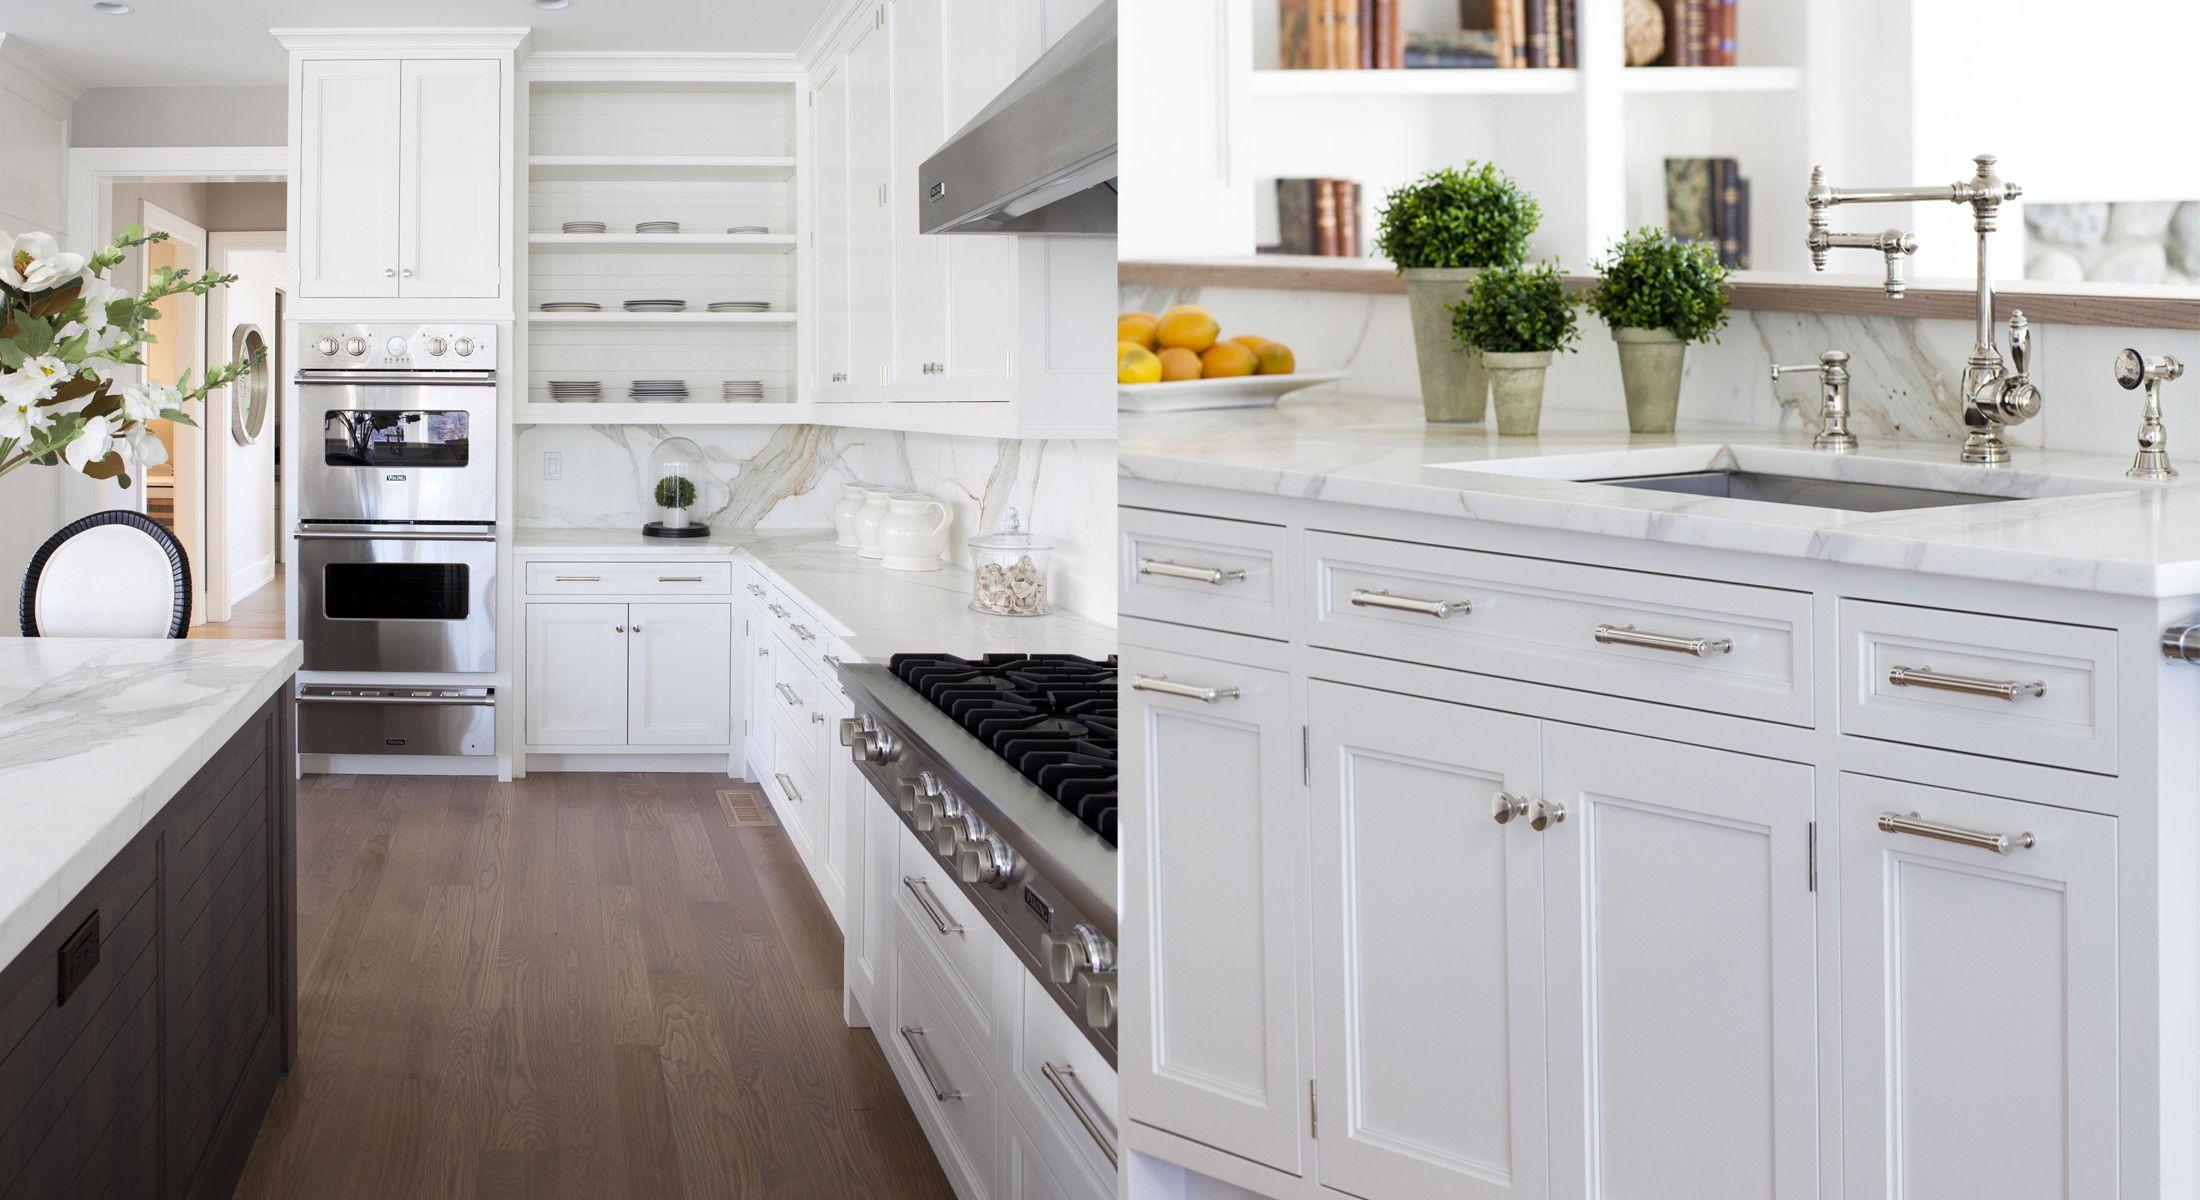 Groß Küchenbereiche Mit Doppel öfen Zeitgenössisch - Küchenschrank ...